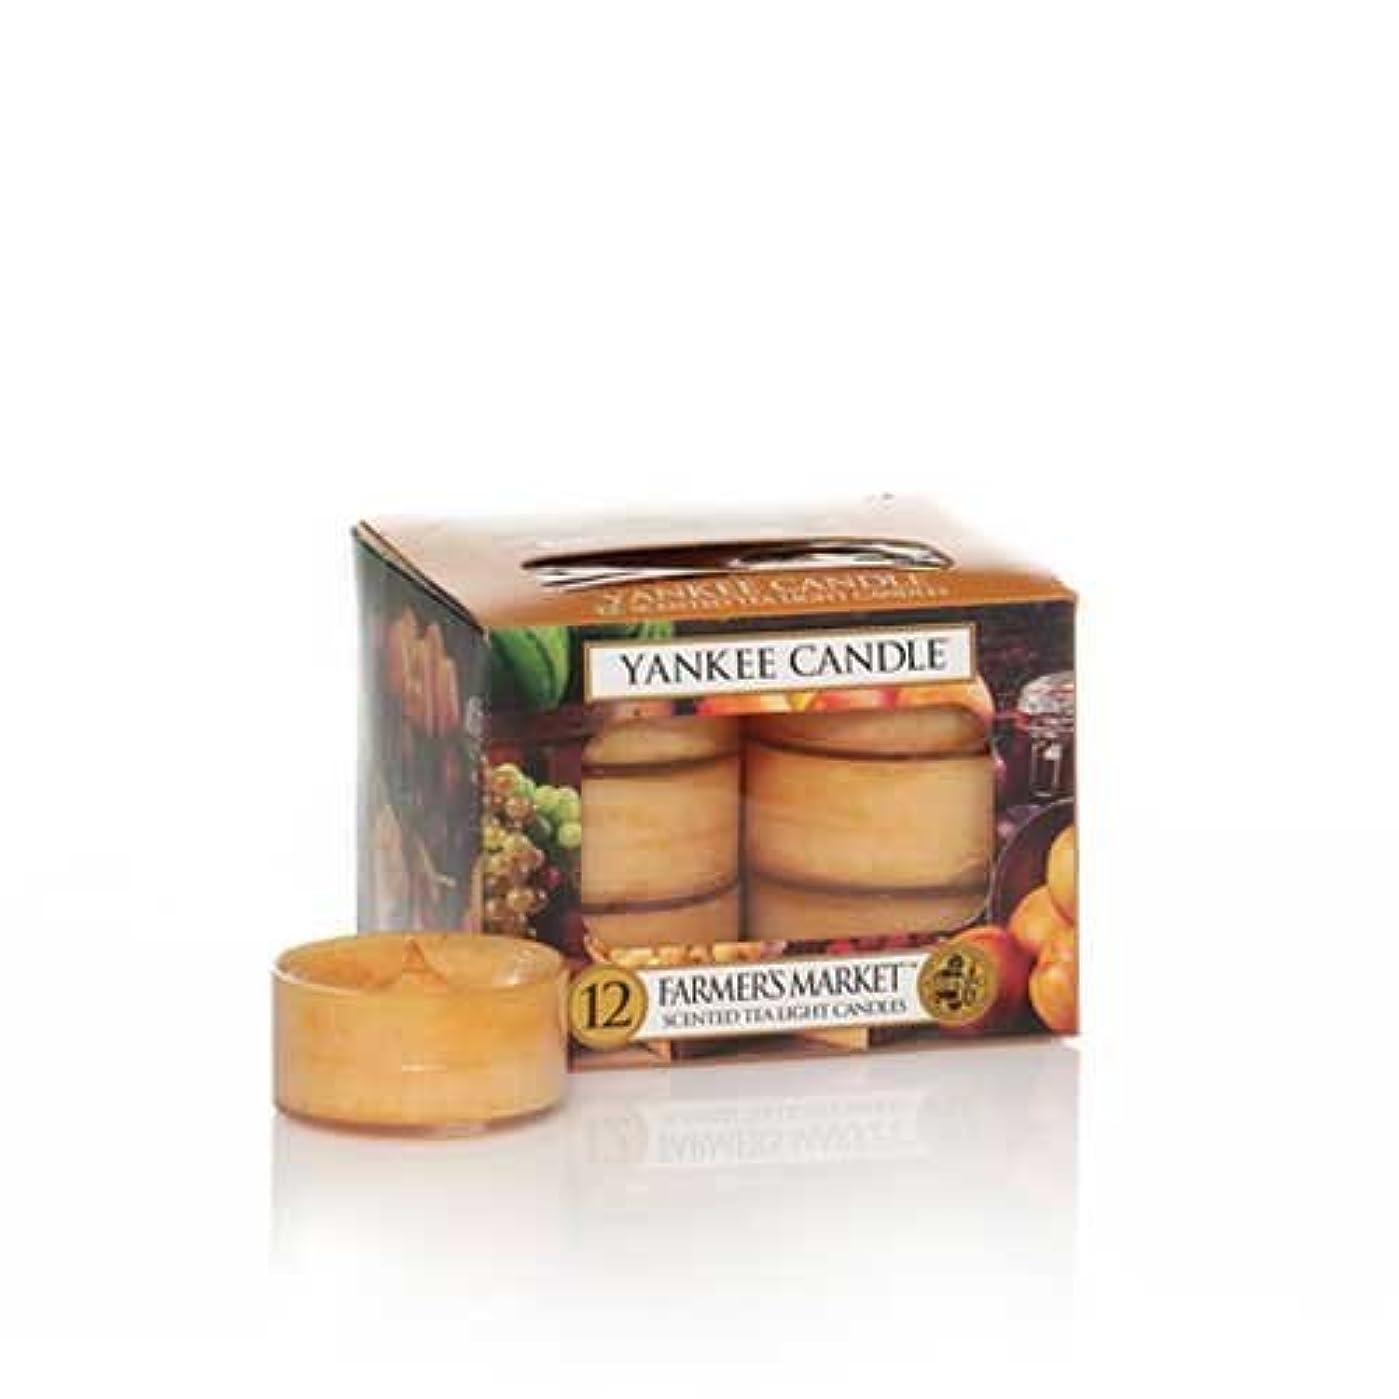 落胆するタヒチ乳製品Yankee Candle Farmer 's Market, Food & Spice香り Tea Light Candles オレンジ 1163587-YC